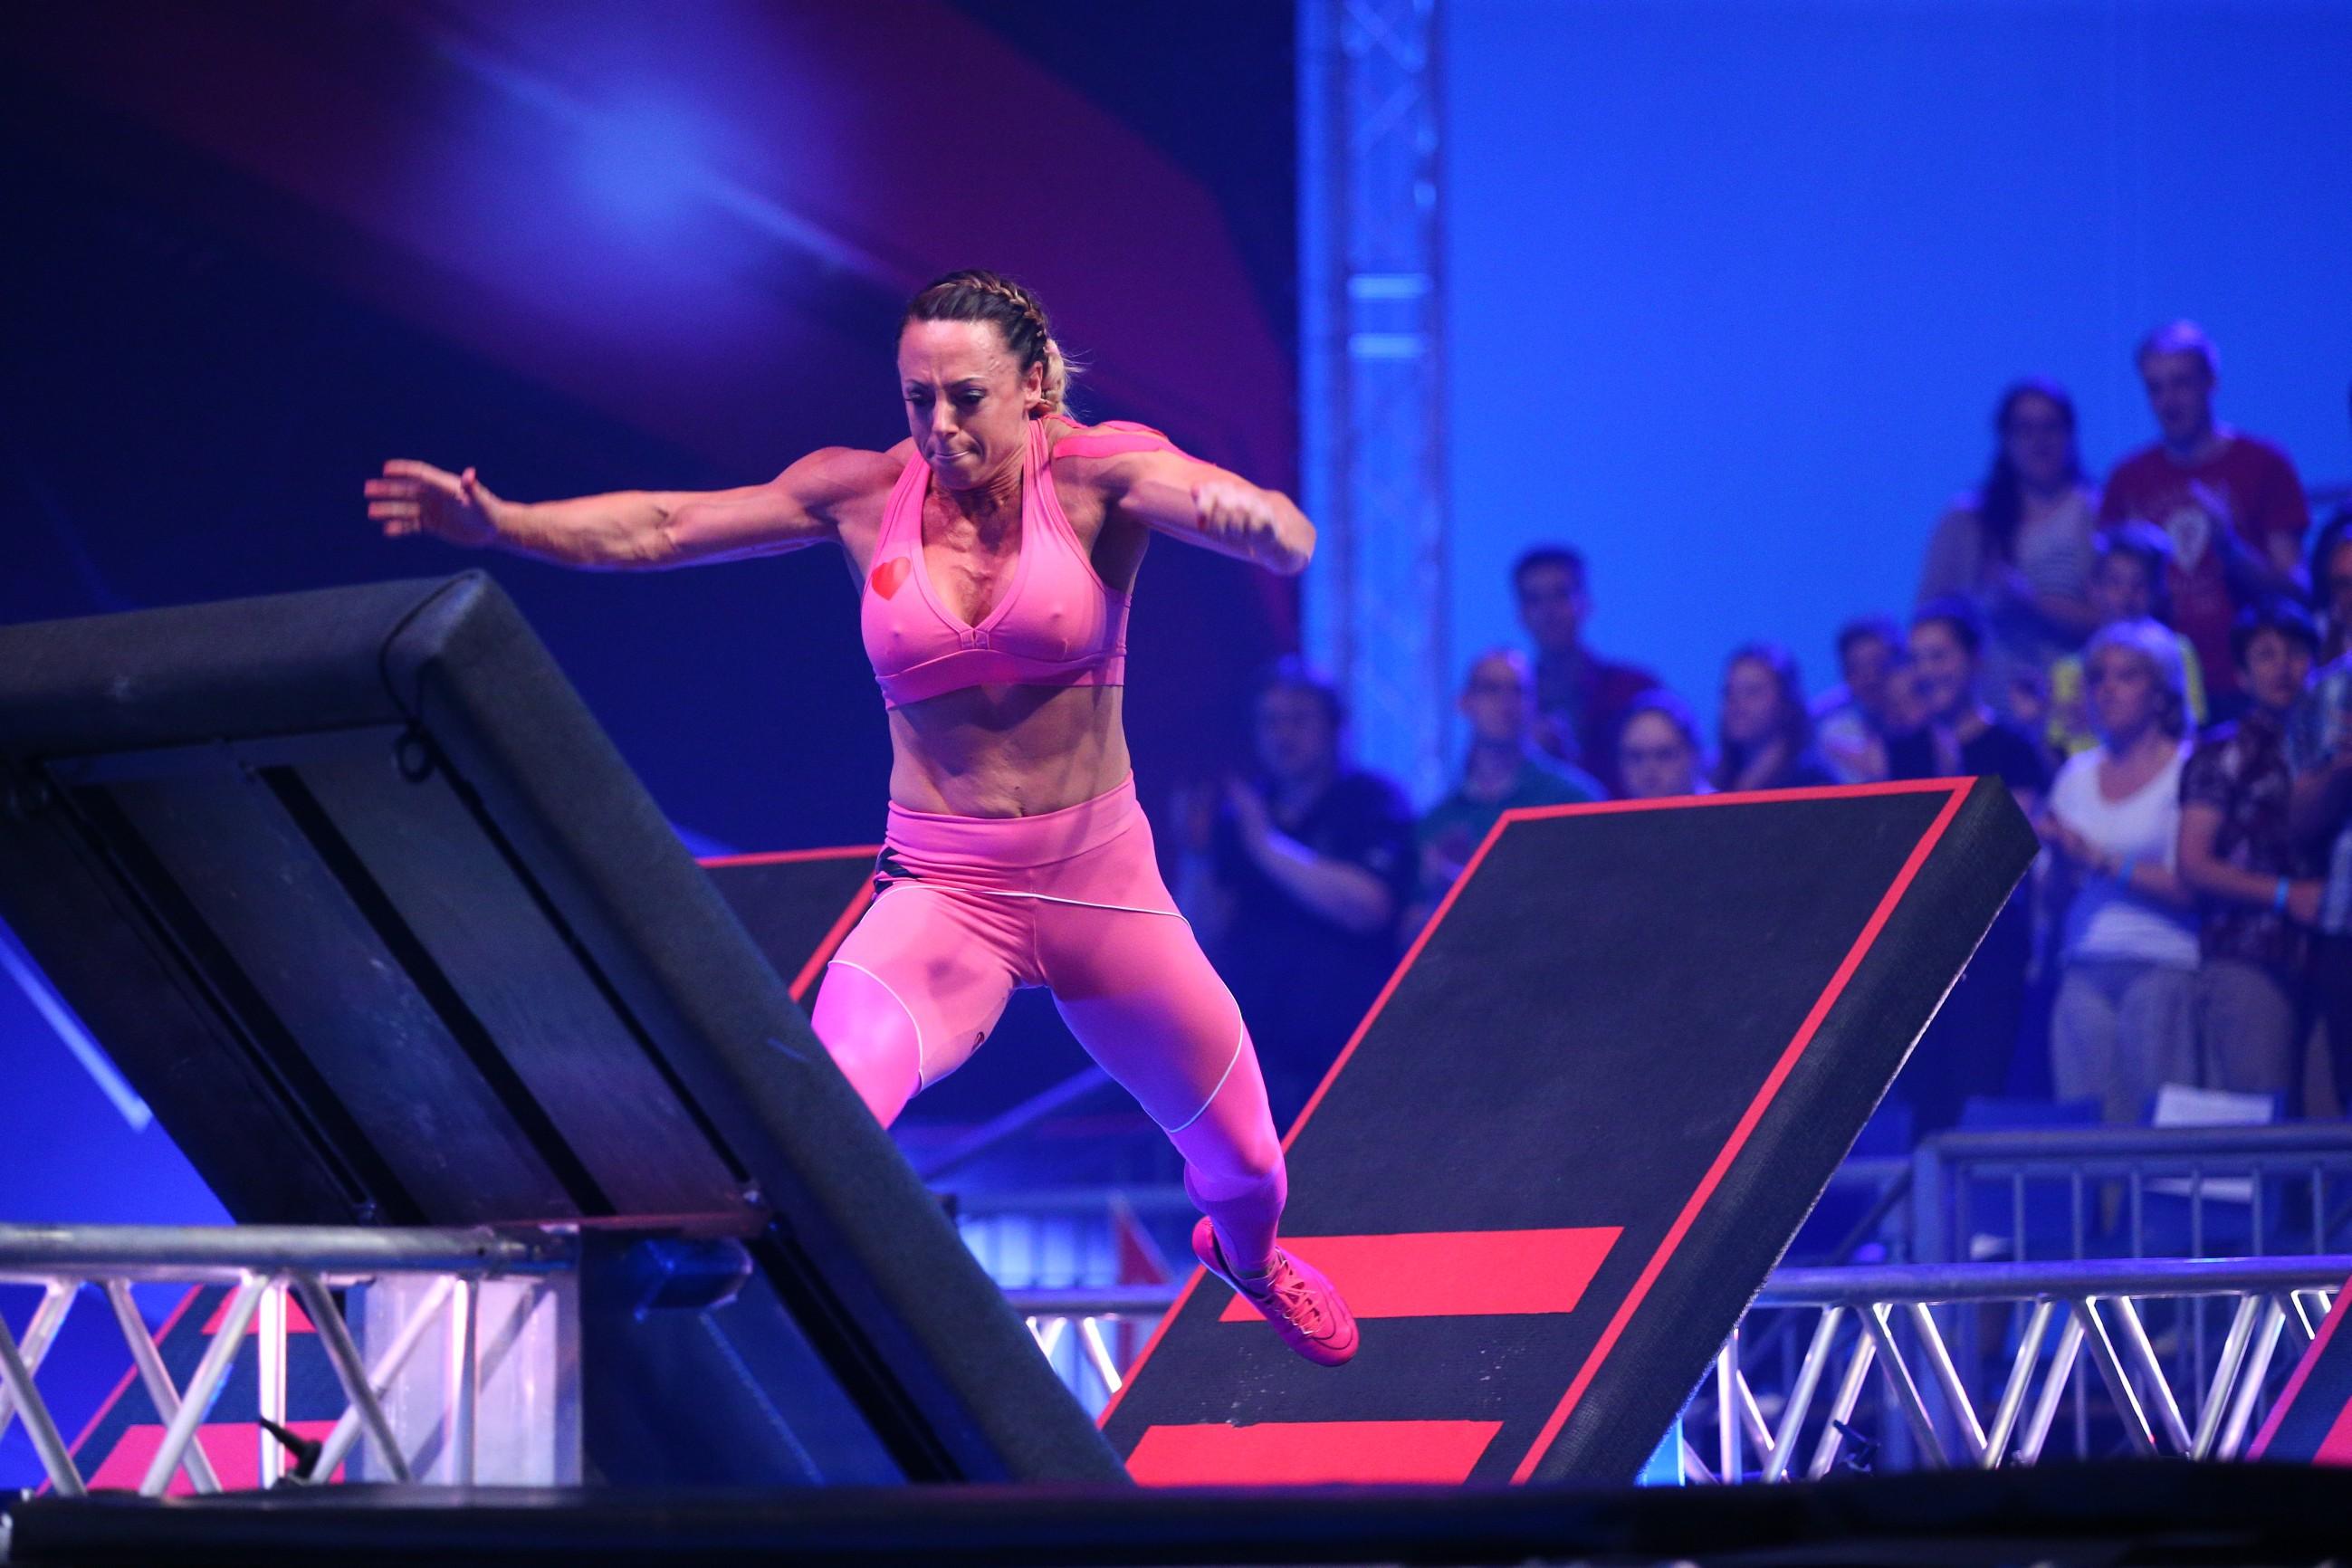 Die Athletin Nathalie Schmidt aus Chemnitz - Foto: RTL / Stefan Gregorowius